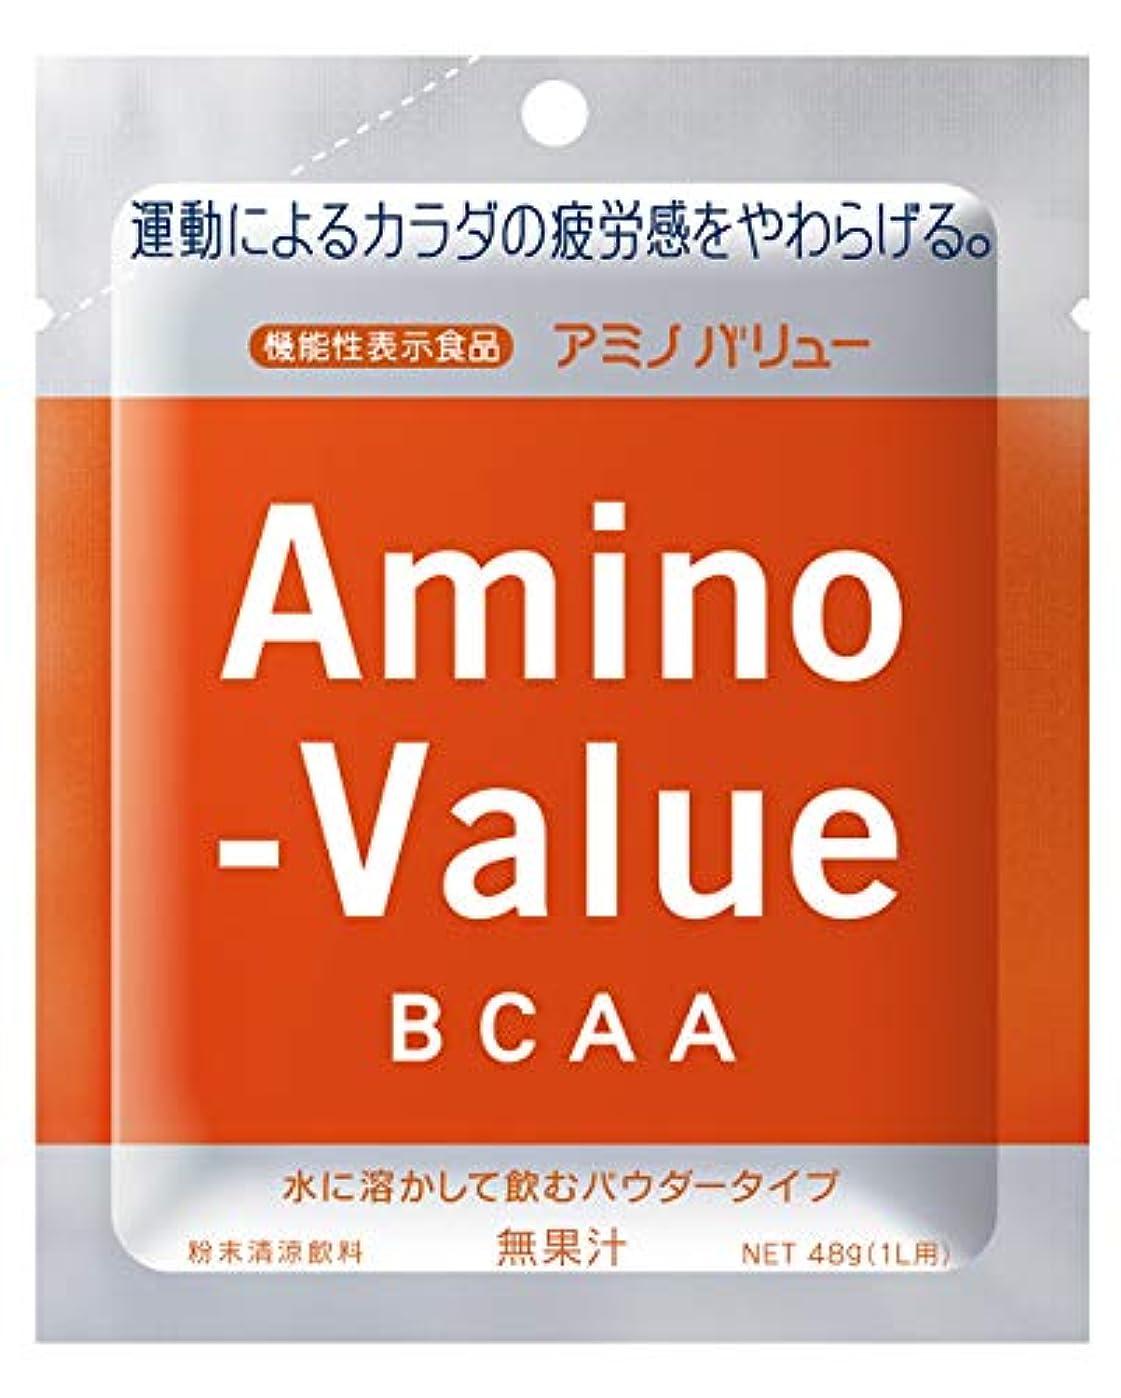 シリング臨検爵大塚製薬 アミノバリュー BCAA パウダー8000 1L用 (48G)×5袋×20箱 [機能性表示食品]